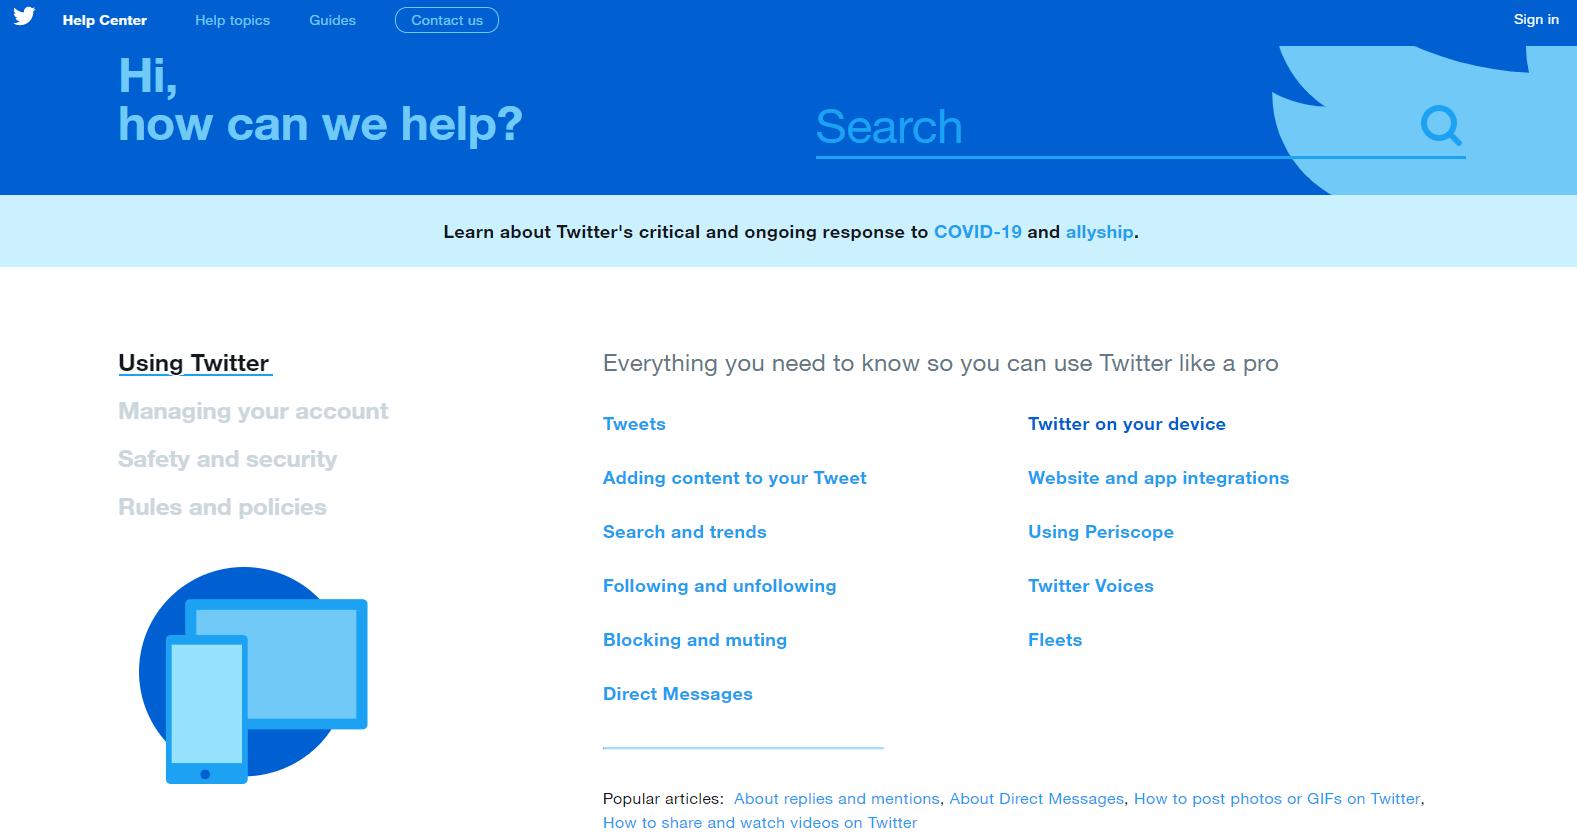 Twitter FAQ section